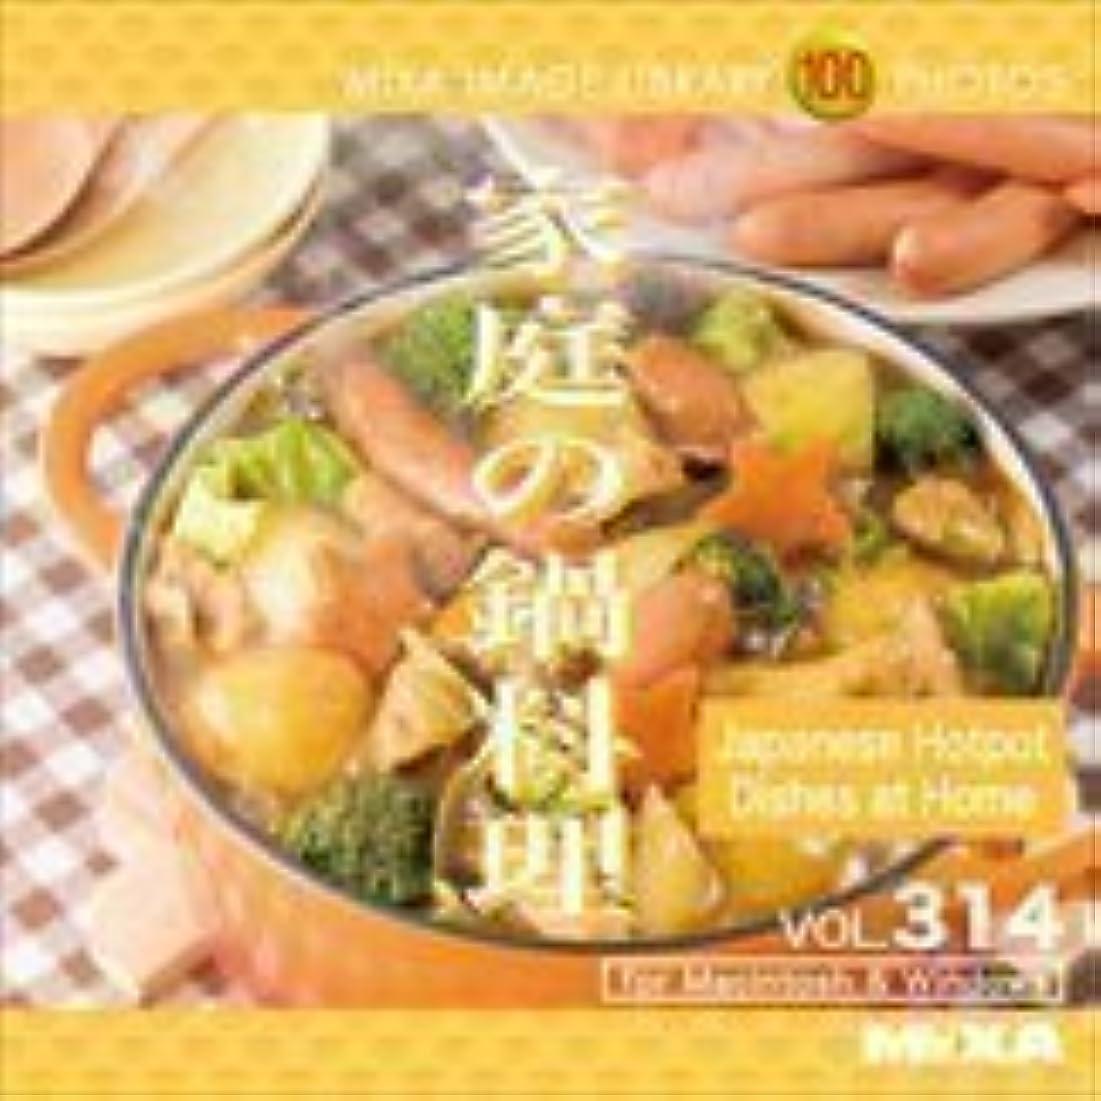 サーバ音呪いMIXA IMAGE LIBRARY Vol.314 家庭の鍋料理